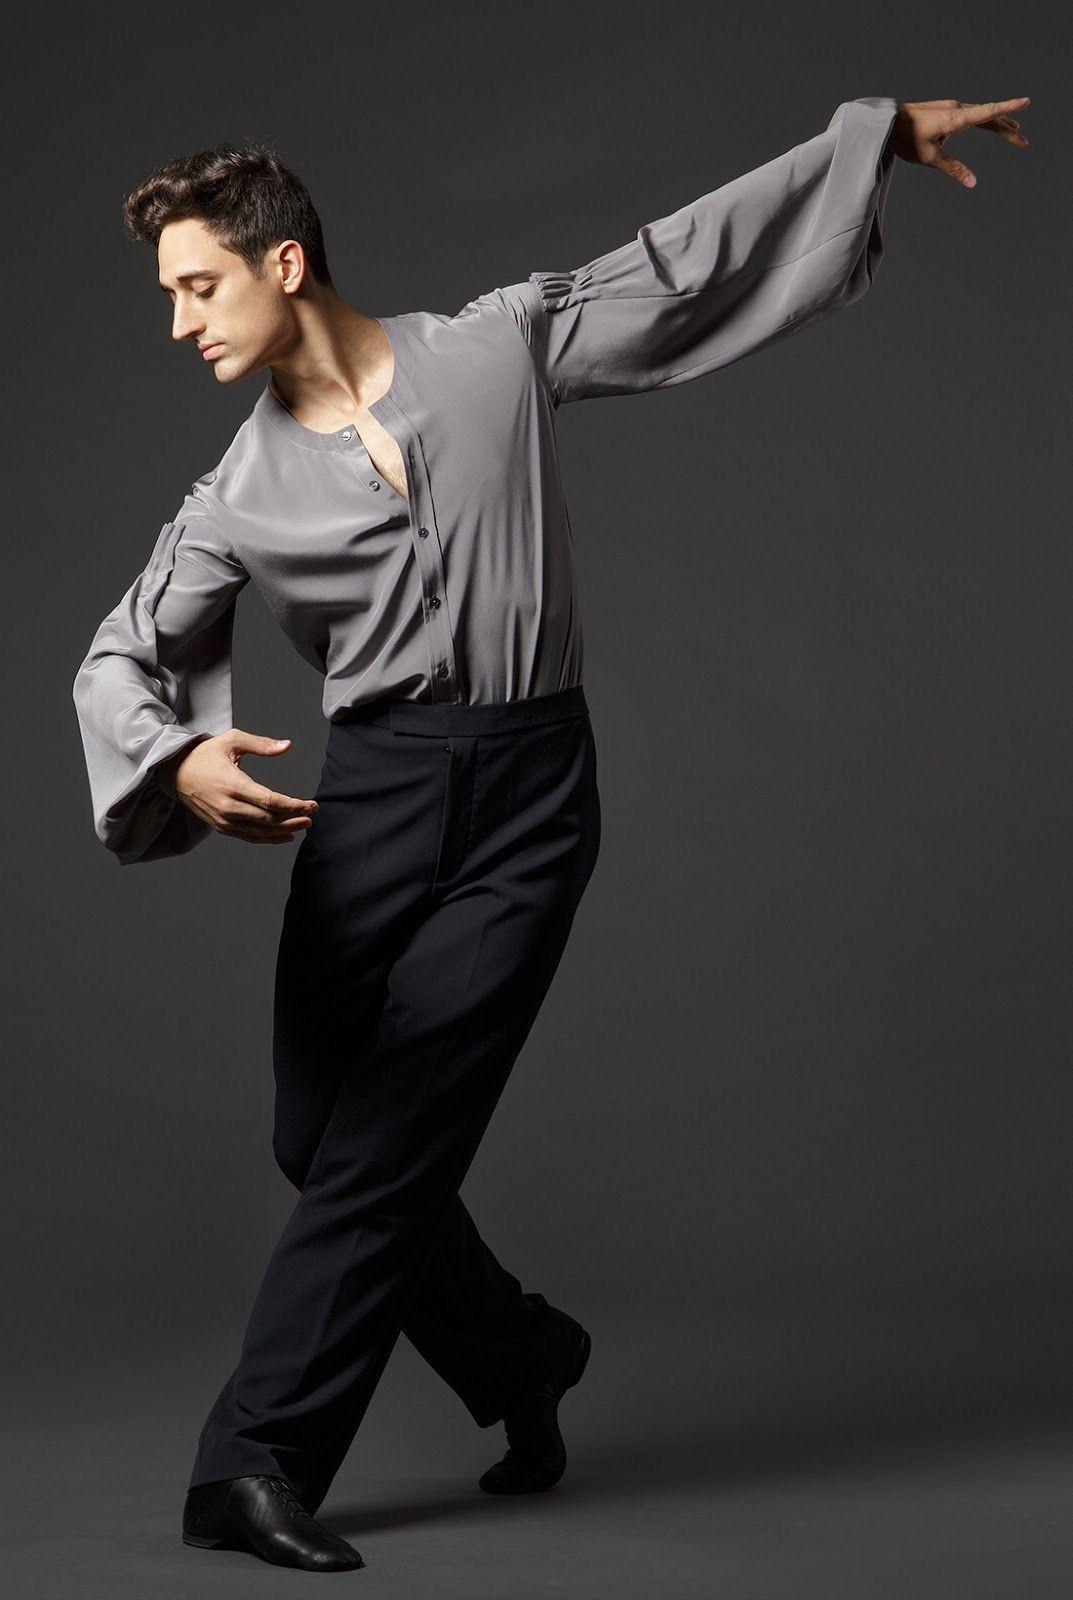 фото отчёт картинки мужчин танцующих херд заре